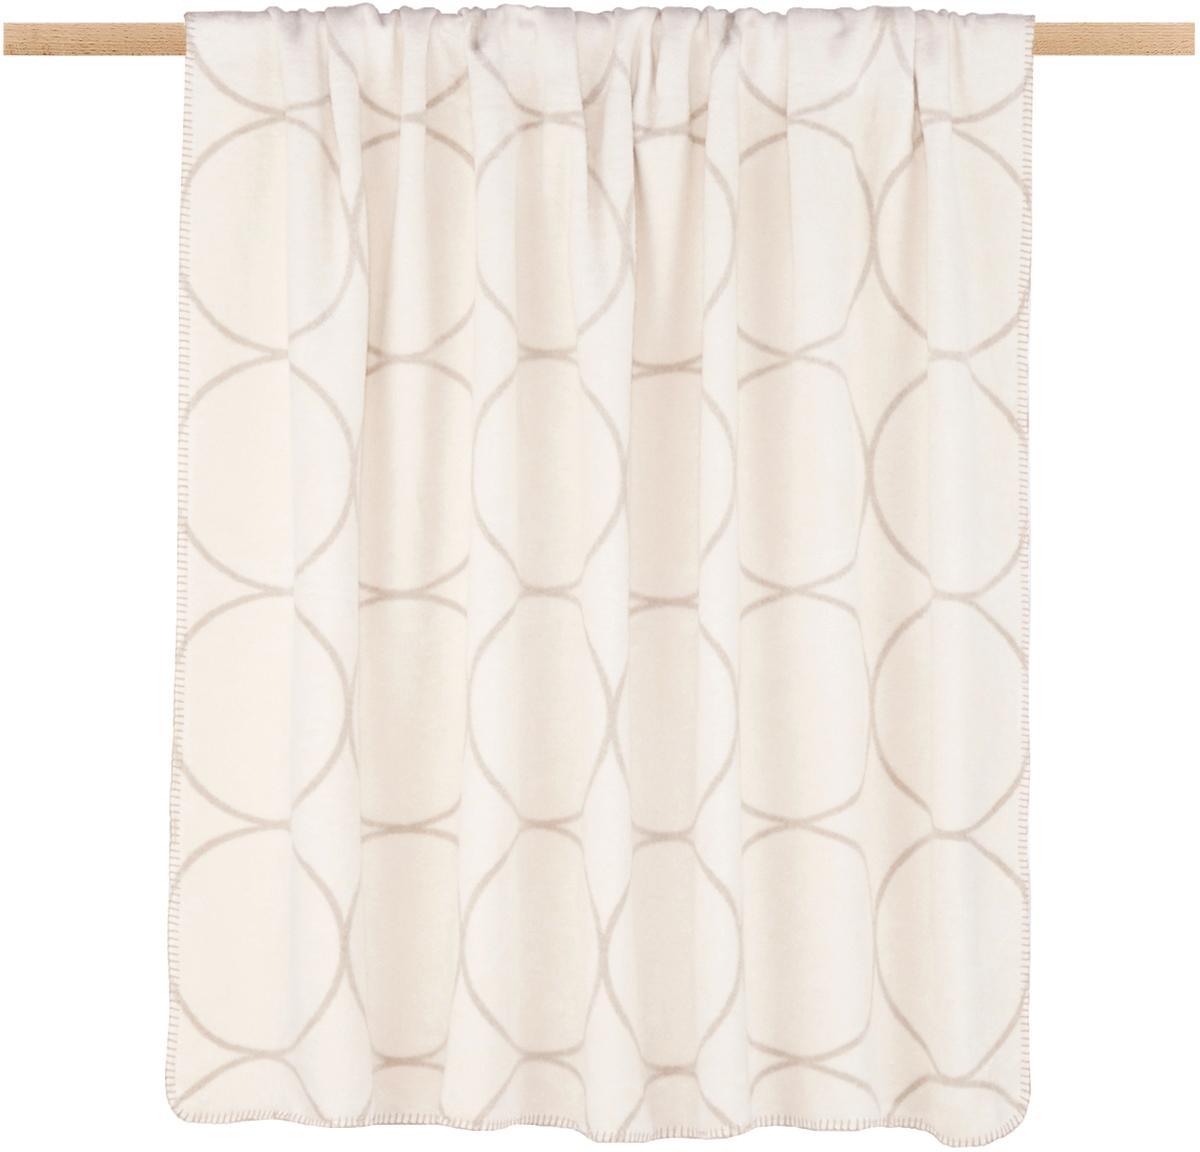 Plaid reversibile in velour Bamboo Circles, Tessuto: Jacquard, Toni beige, P 150 x L 200 cm